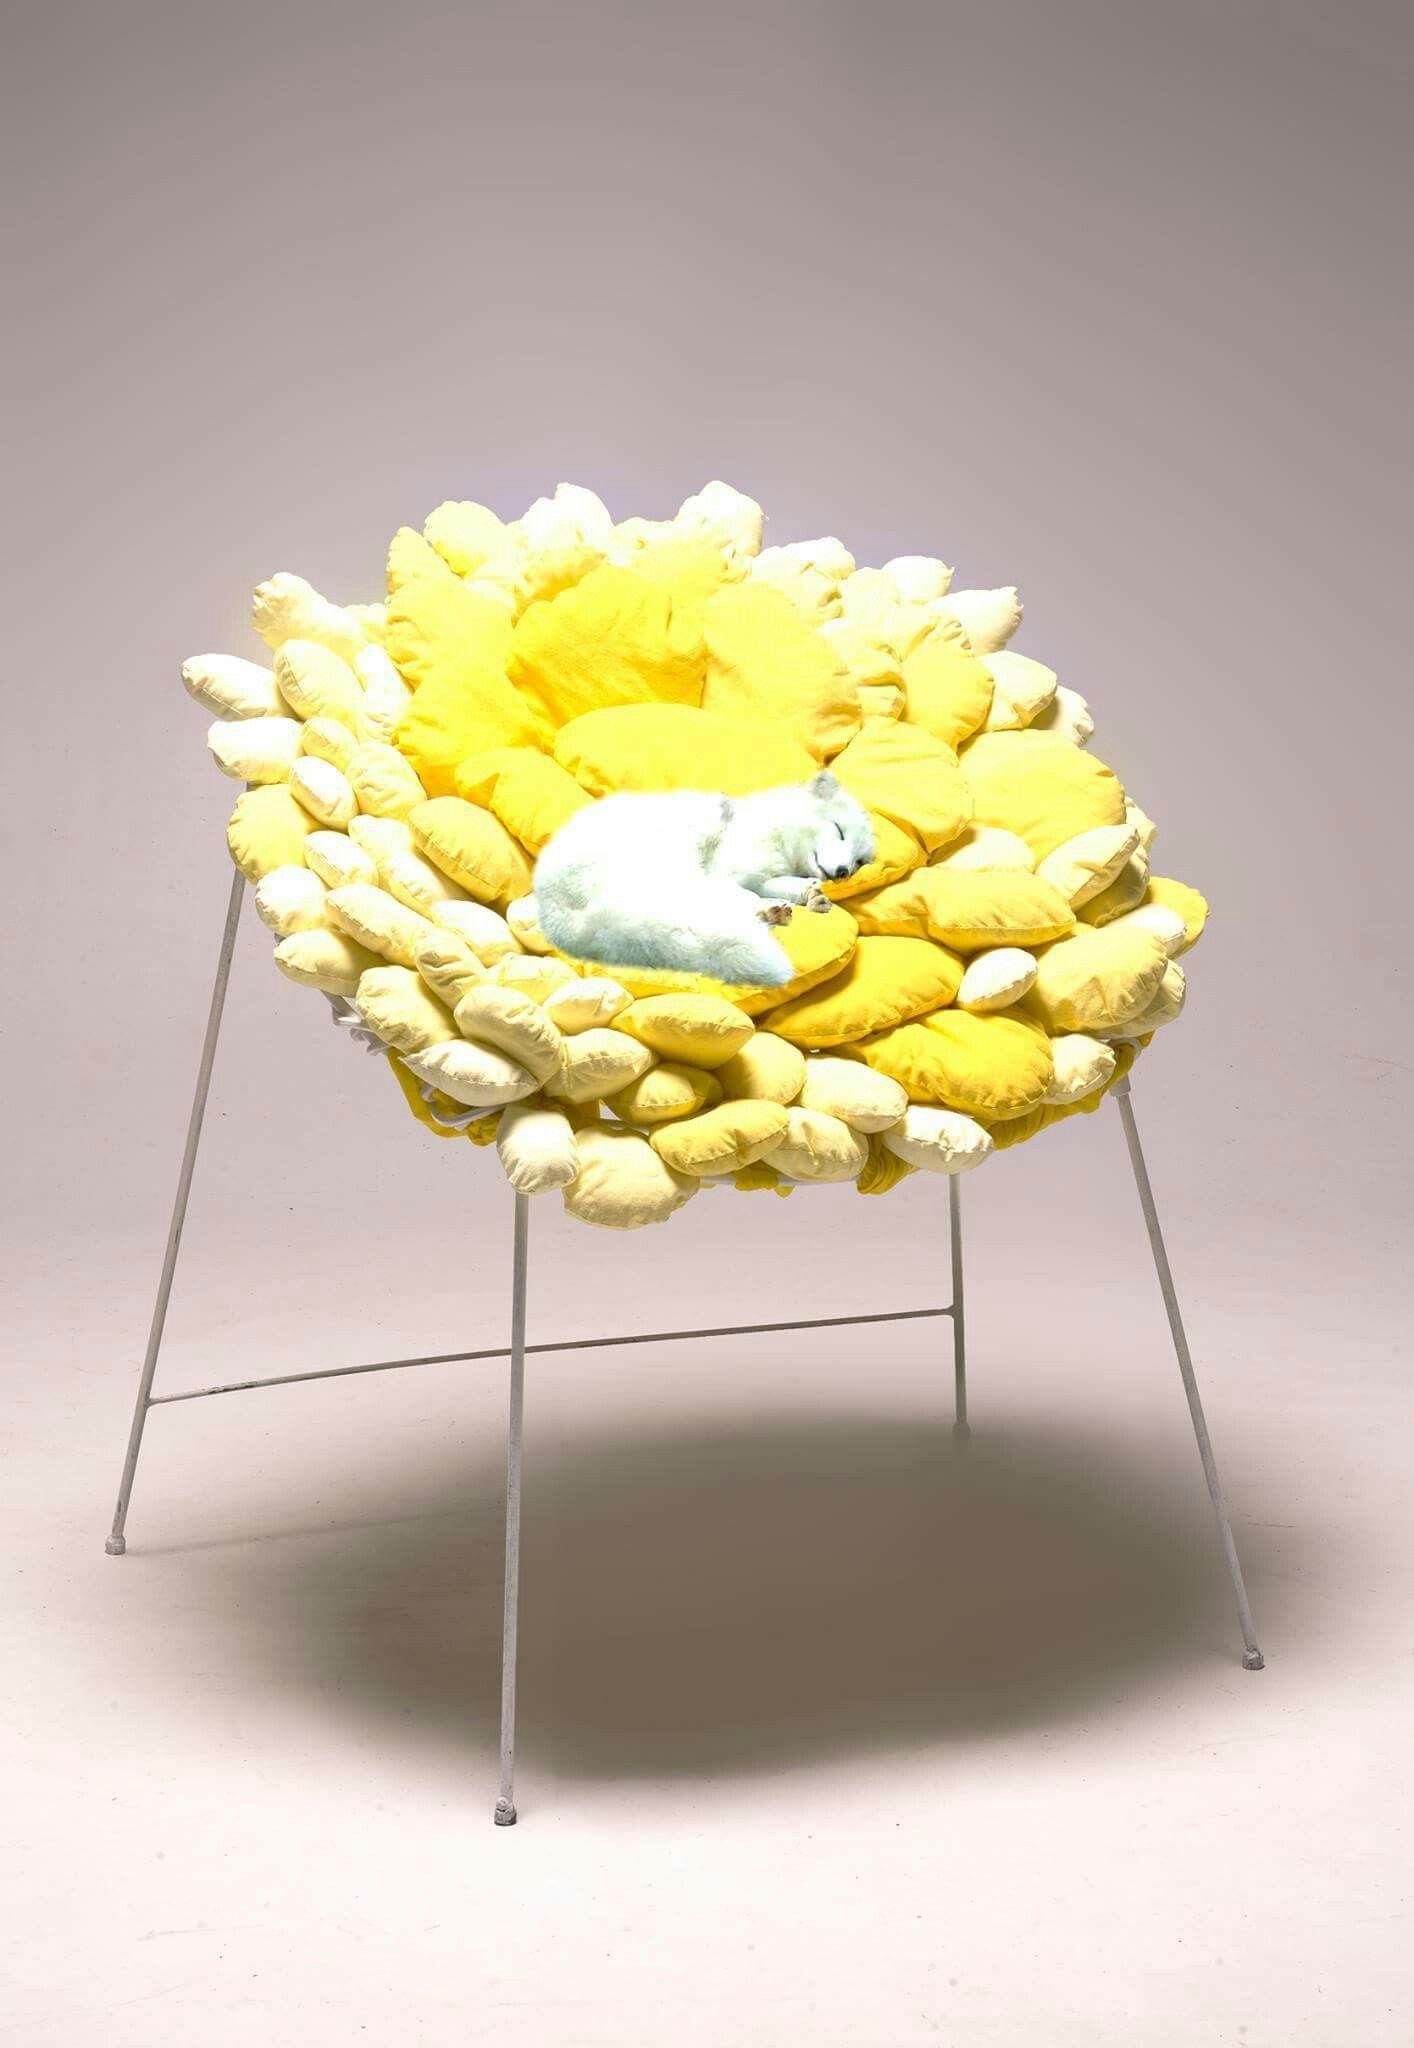 Fauteuil Solis Par Emeline D Carsin Colorful Yellow Chair  # Kowal Muebles De Oficina